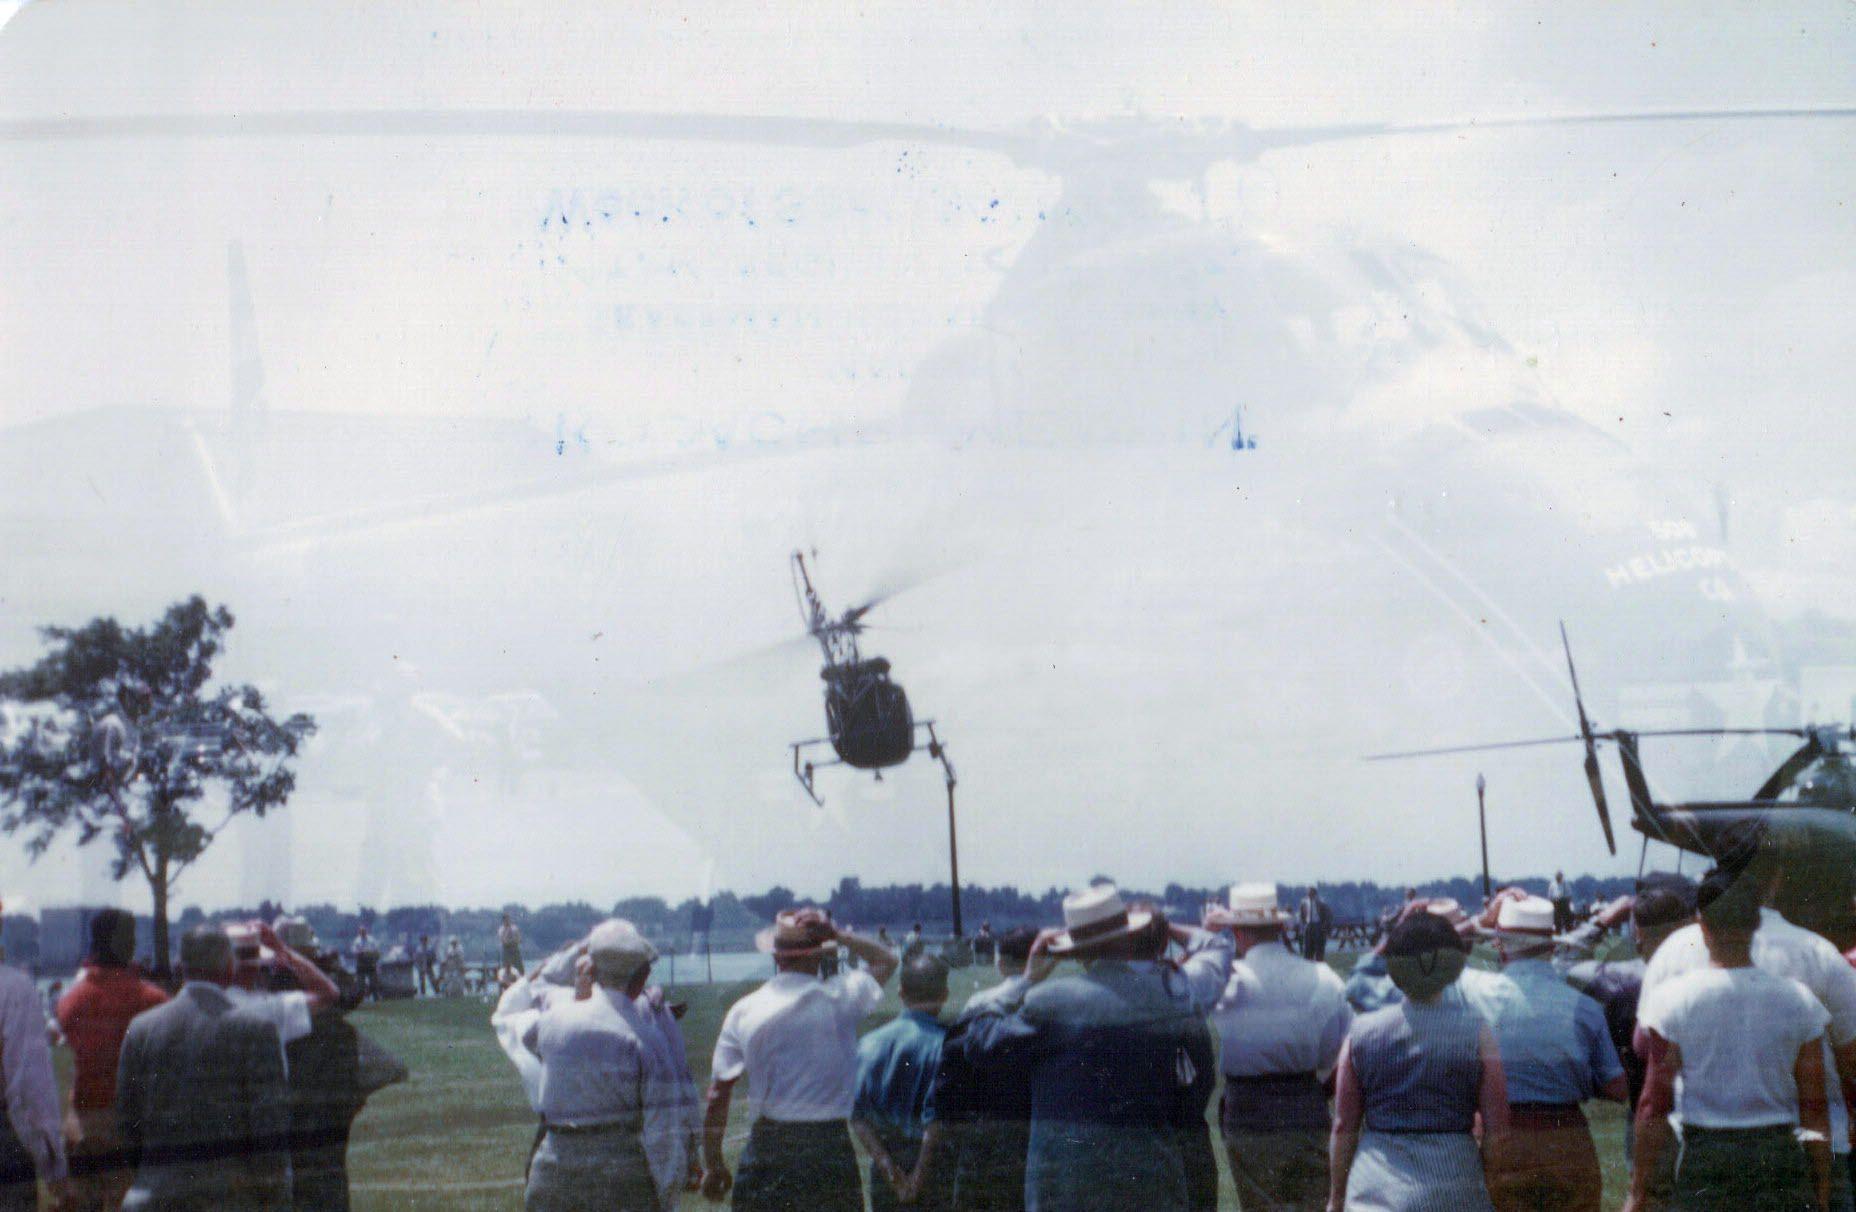 1953 - neat double exposure